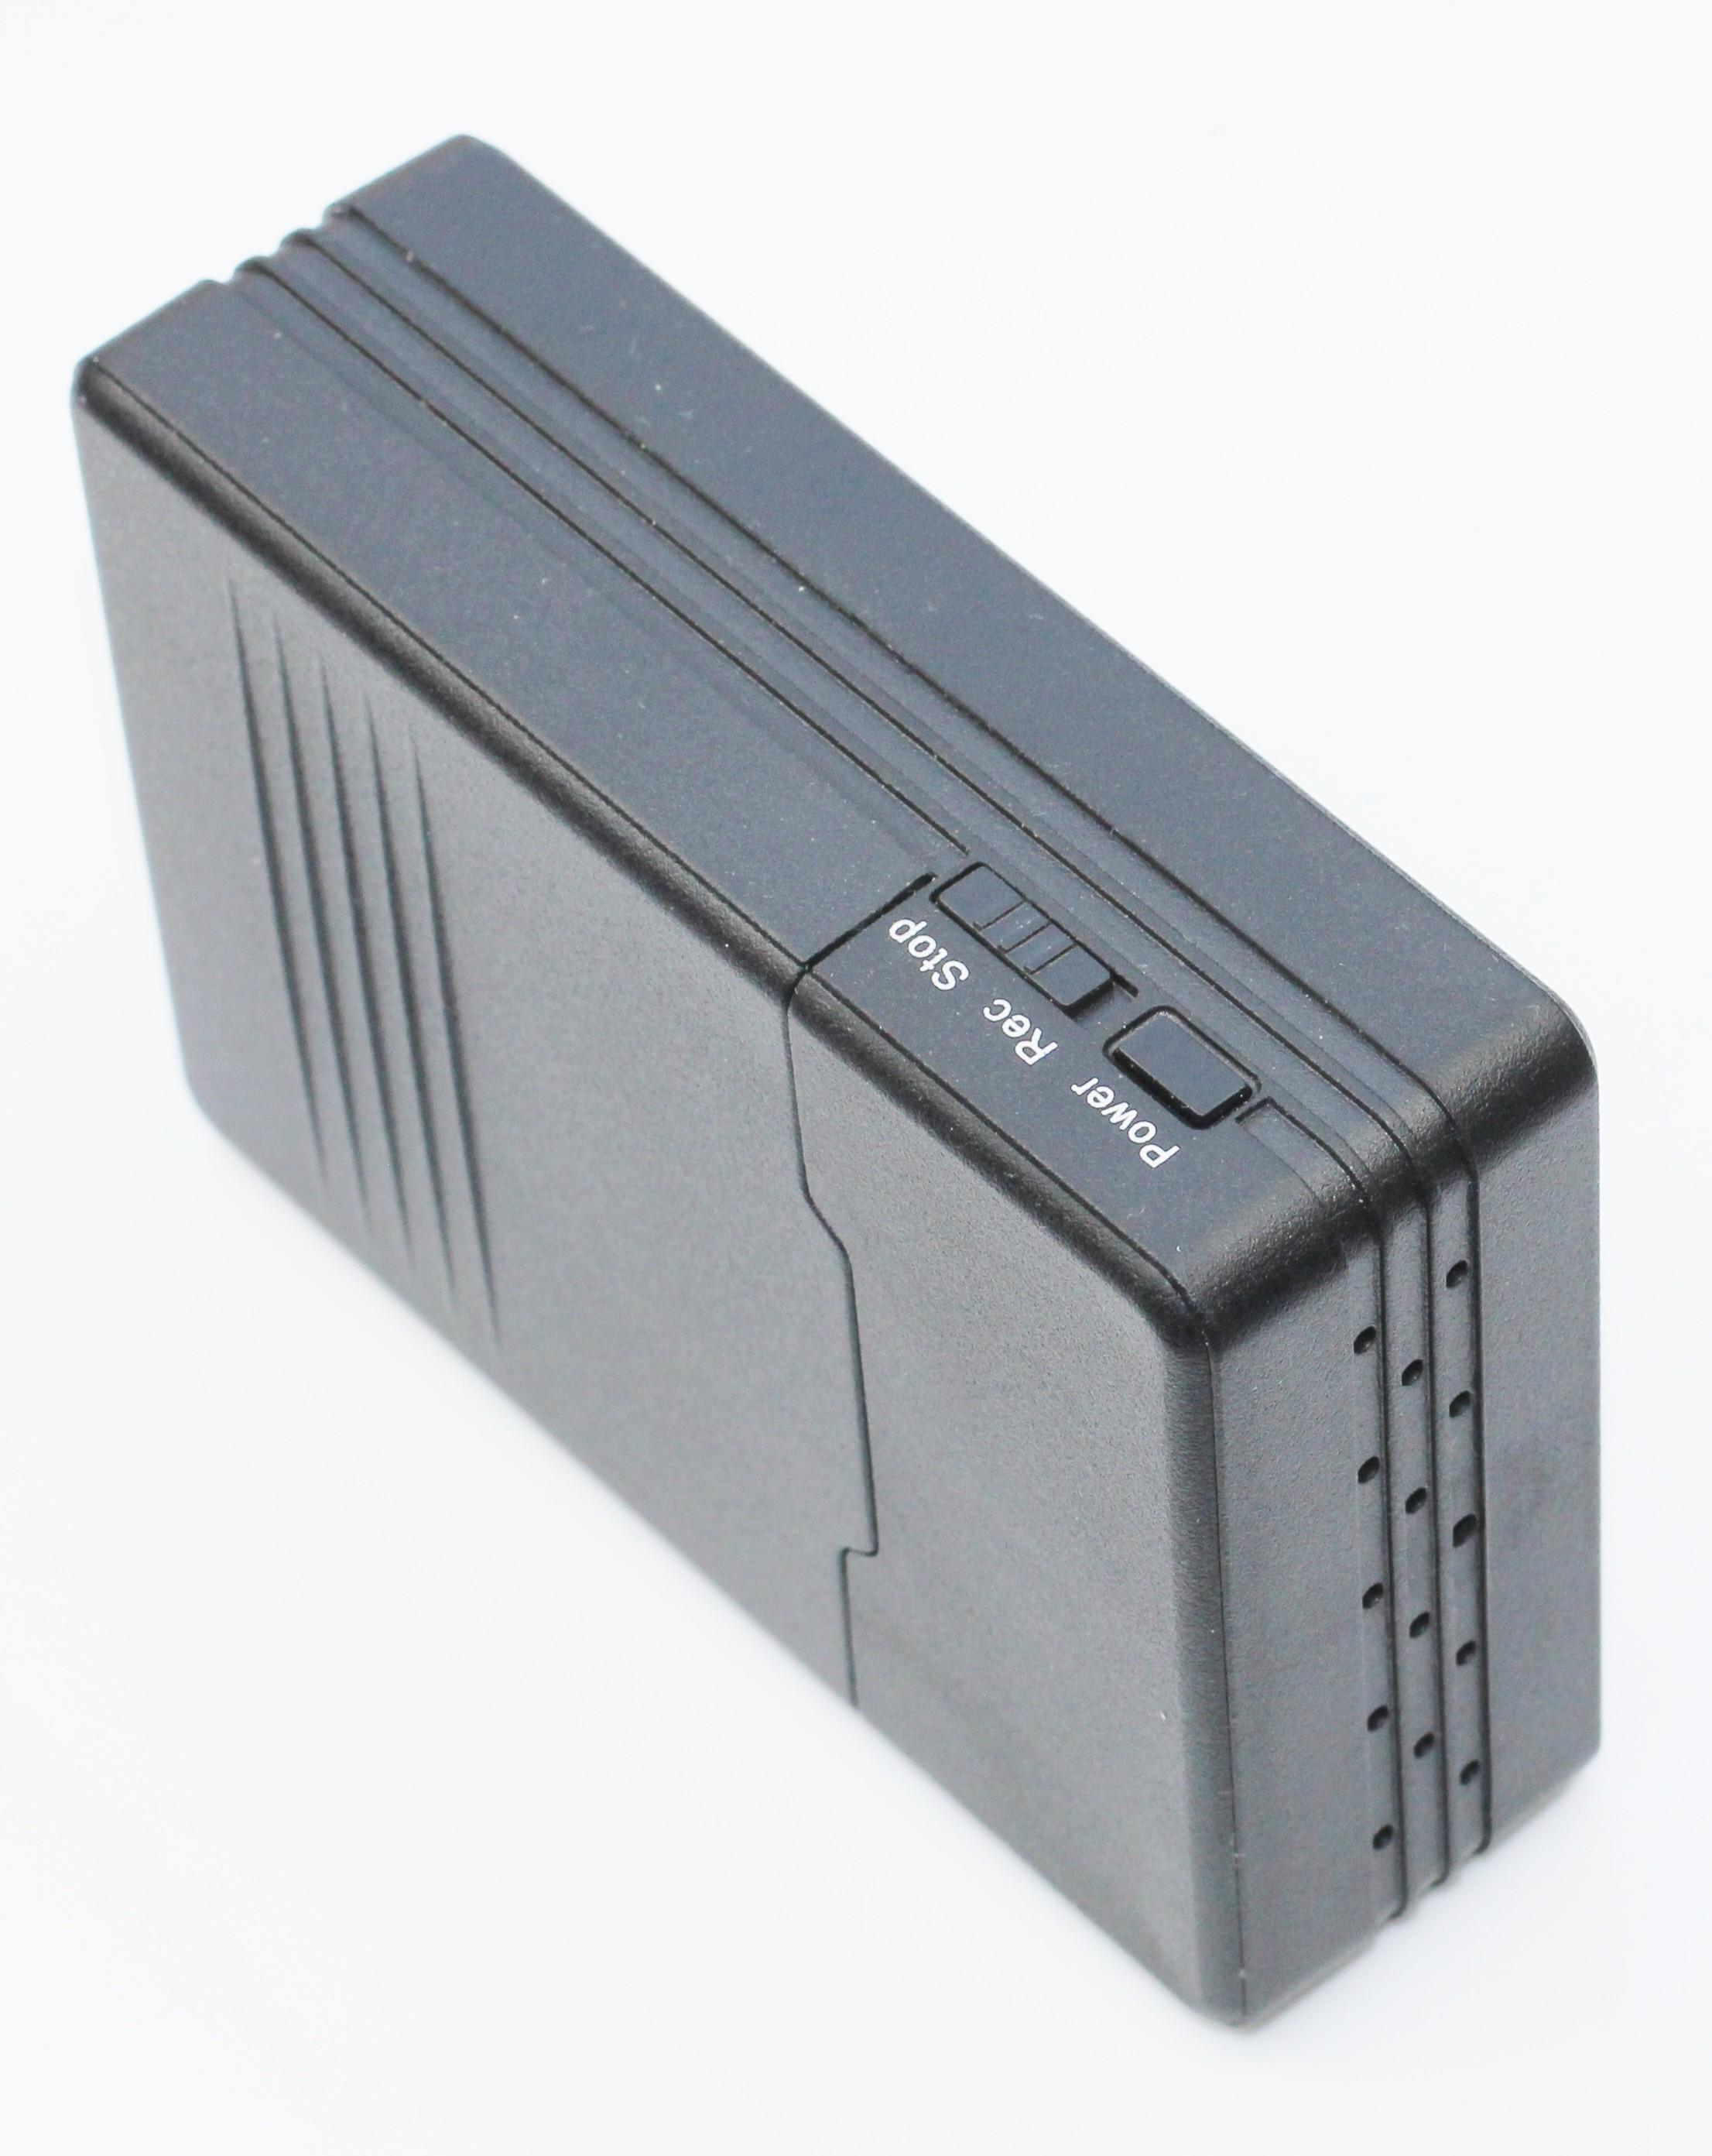 Blackbox camera met PIR bewegingsdetectie